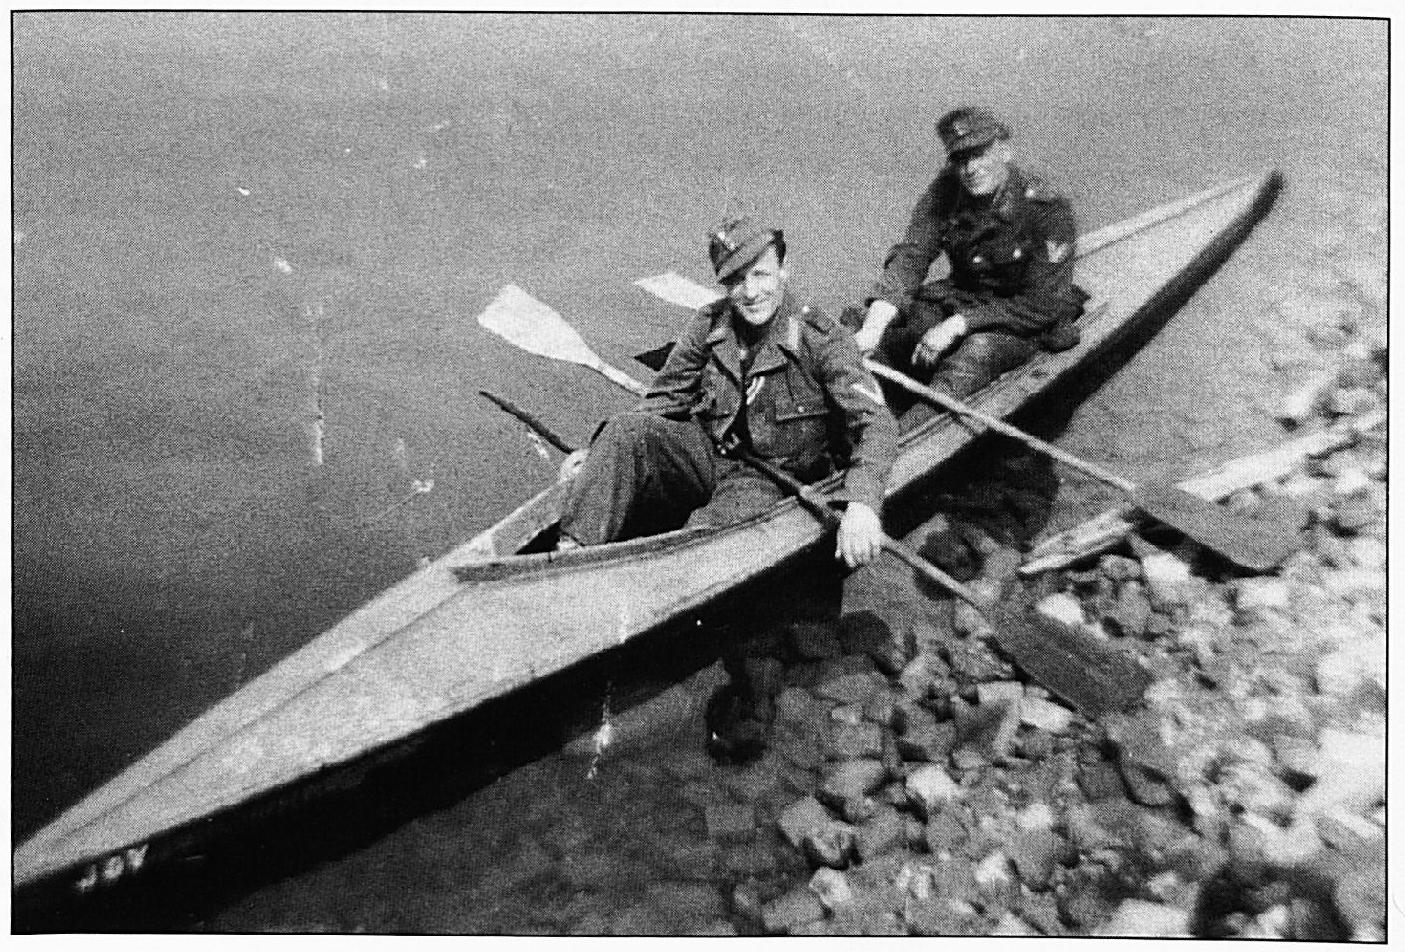 Deze Duitse soldaten kwamen met een kano de Waal over om zich na de capitulatie over te geven.